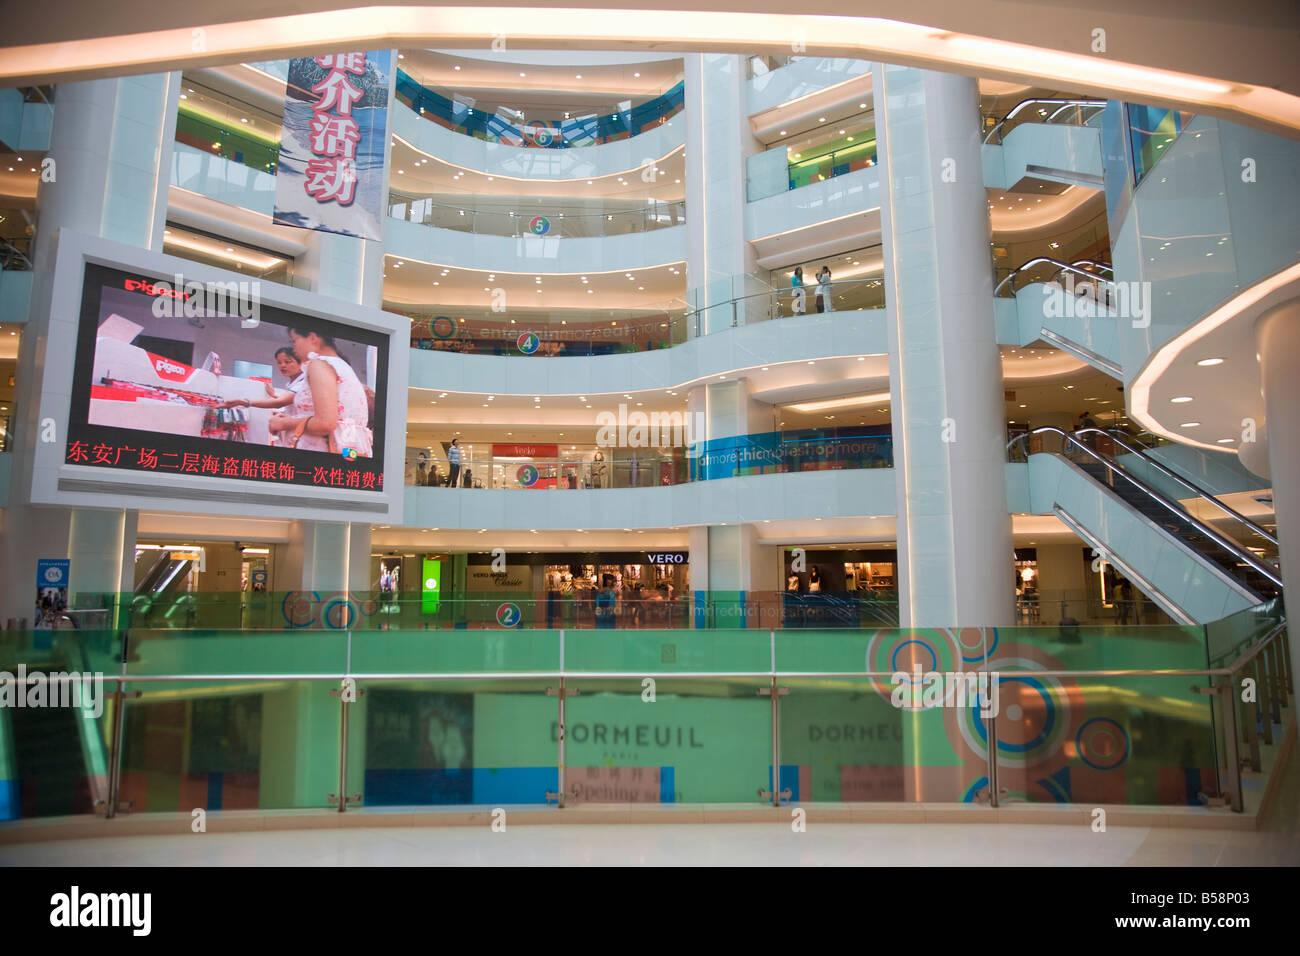 Shopping mall, Wangfujing Road, Beijing, China - Stock Image